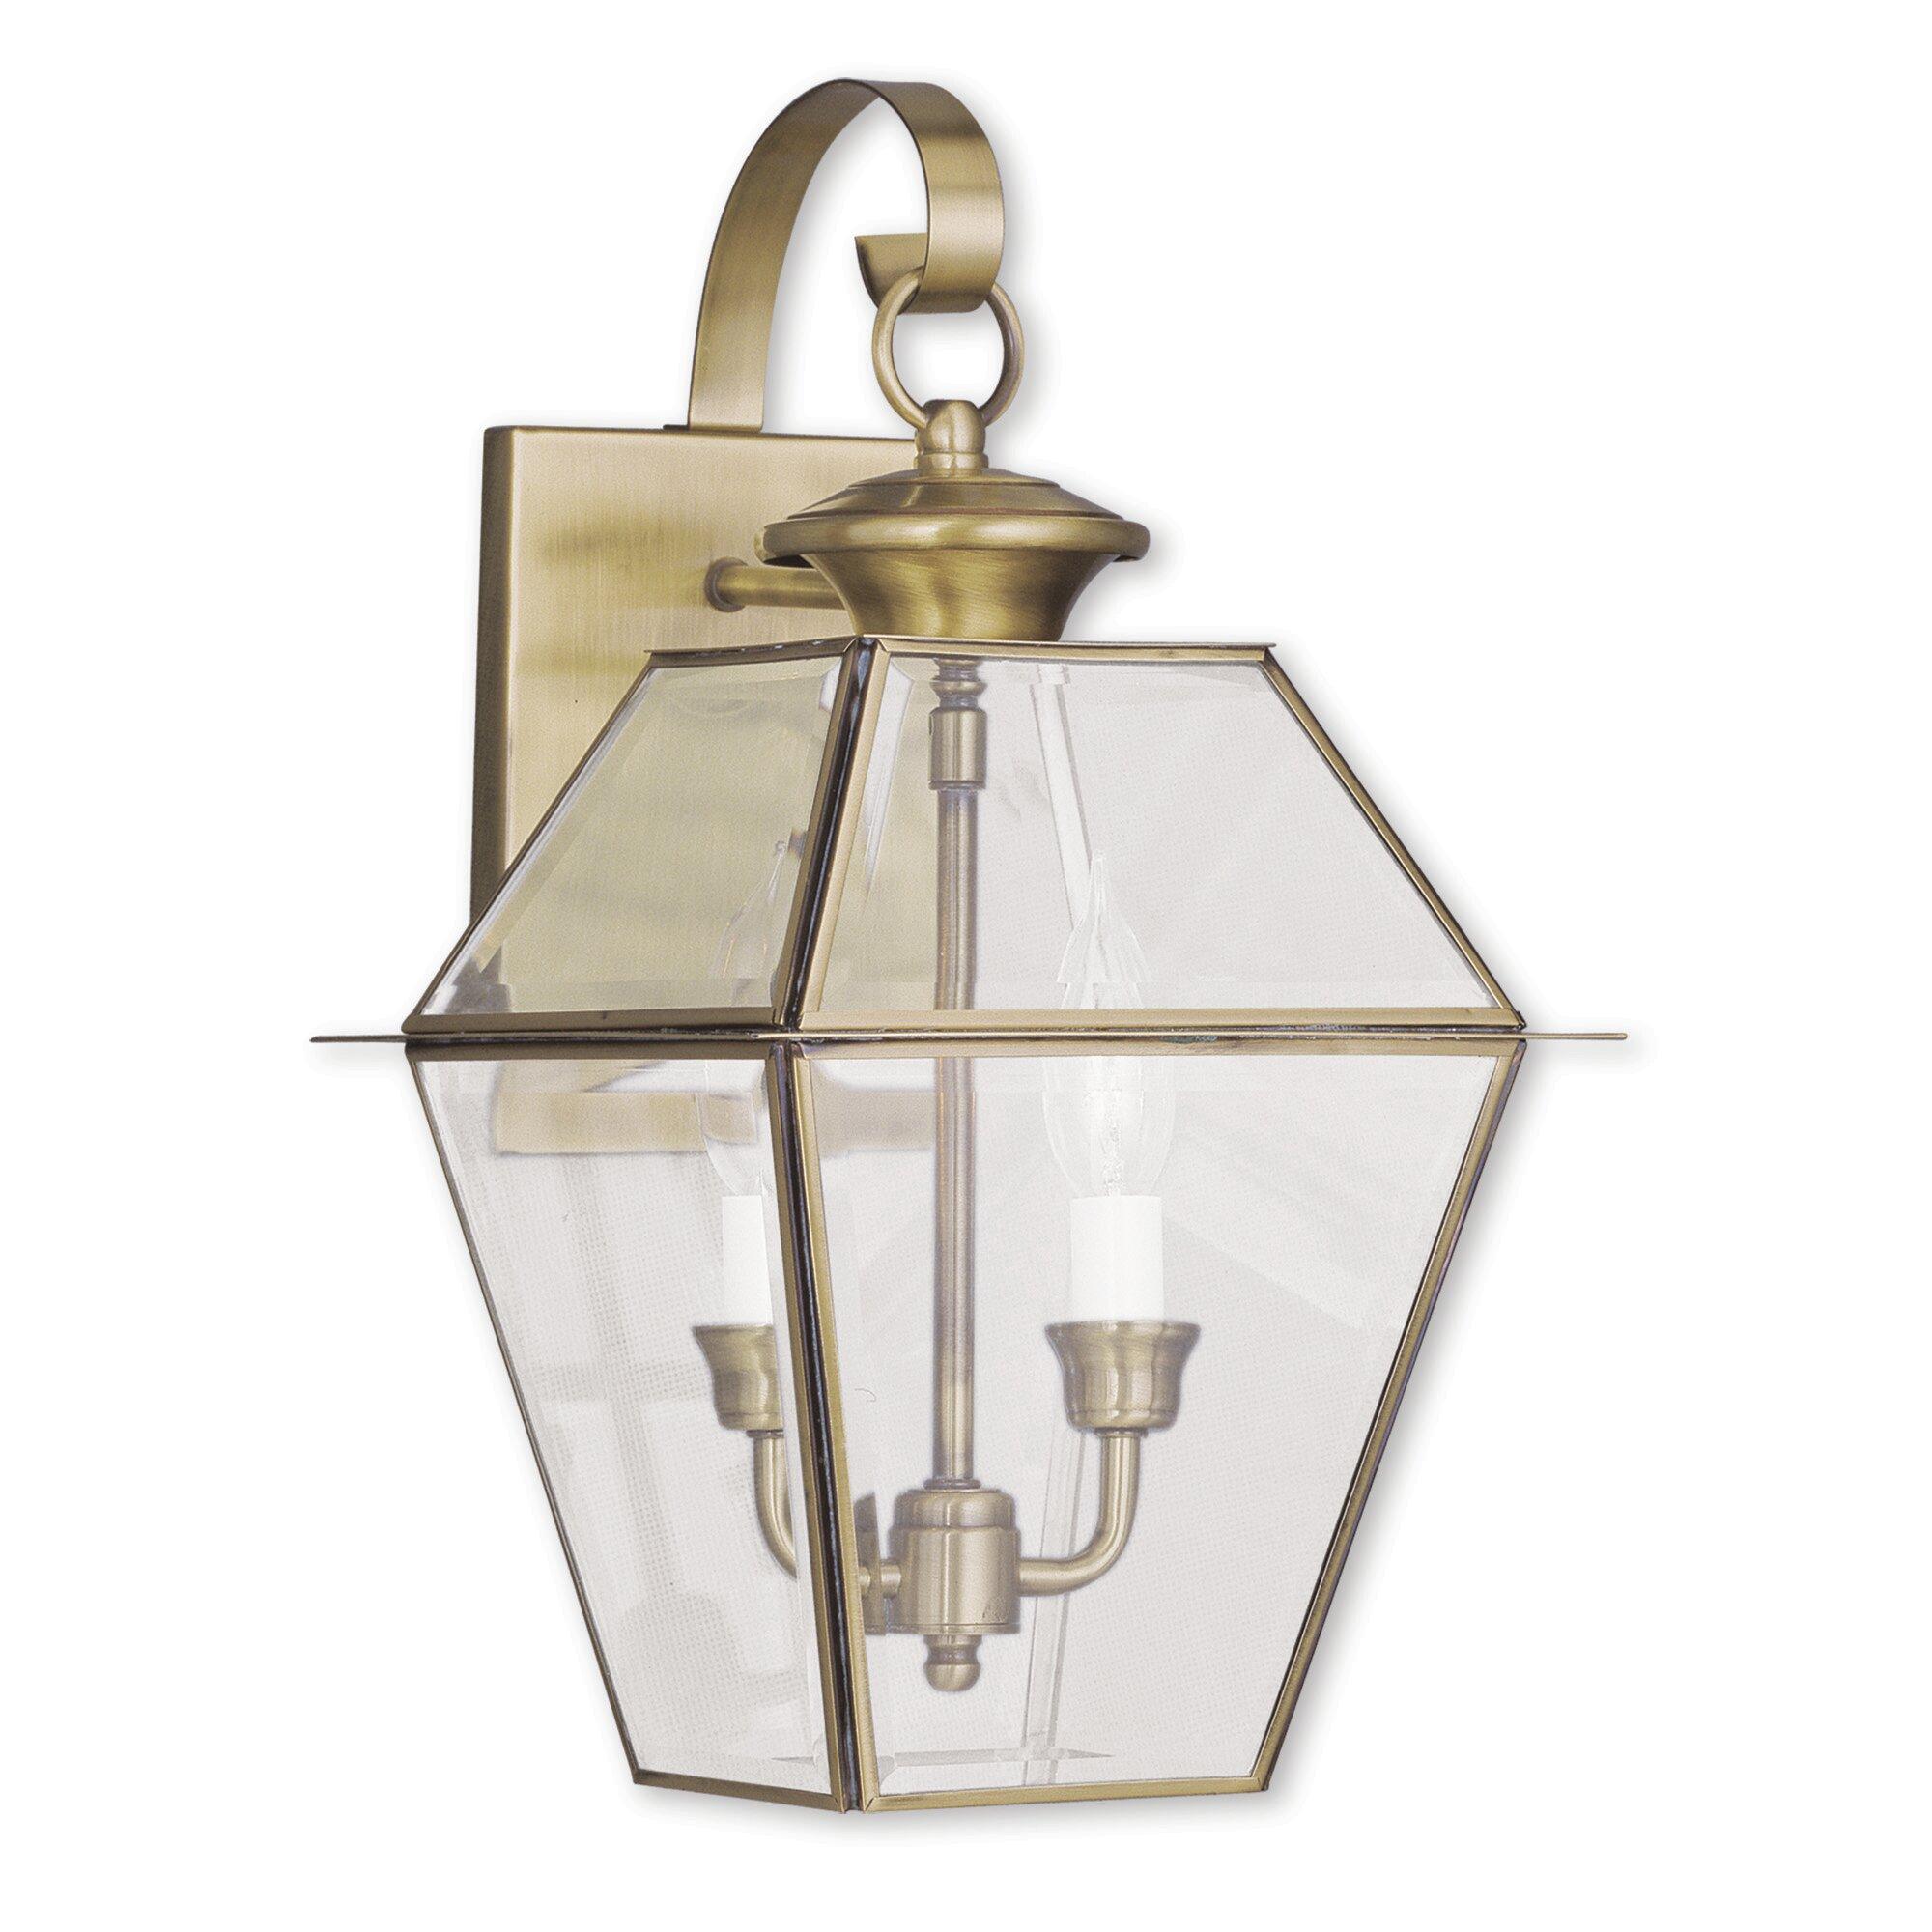 Alcott Hill Scotia 2 Light Outdoor Wall Lantern Reviews